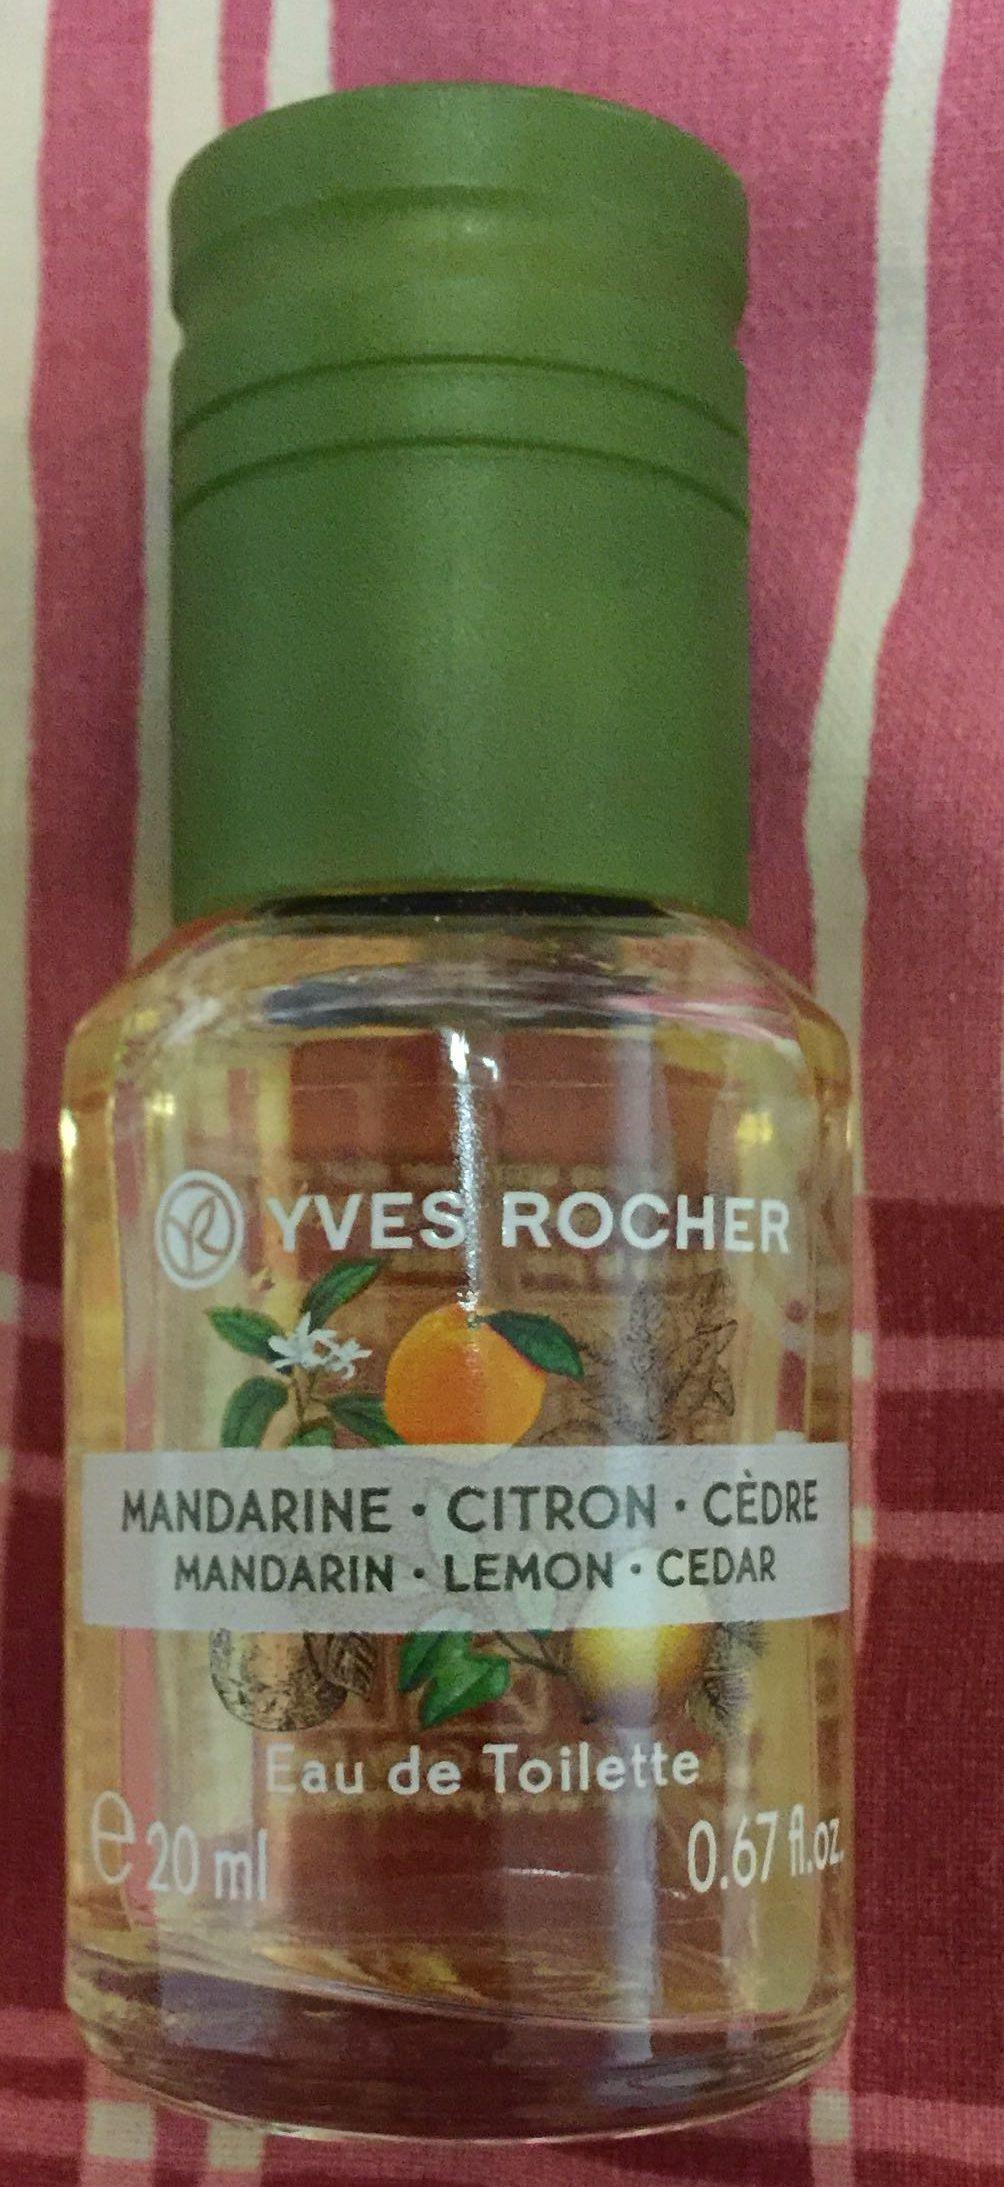 Eau de toilette mandarine citron cèdre - Produit - fr